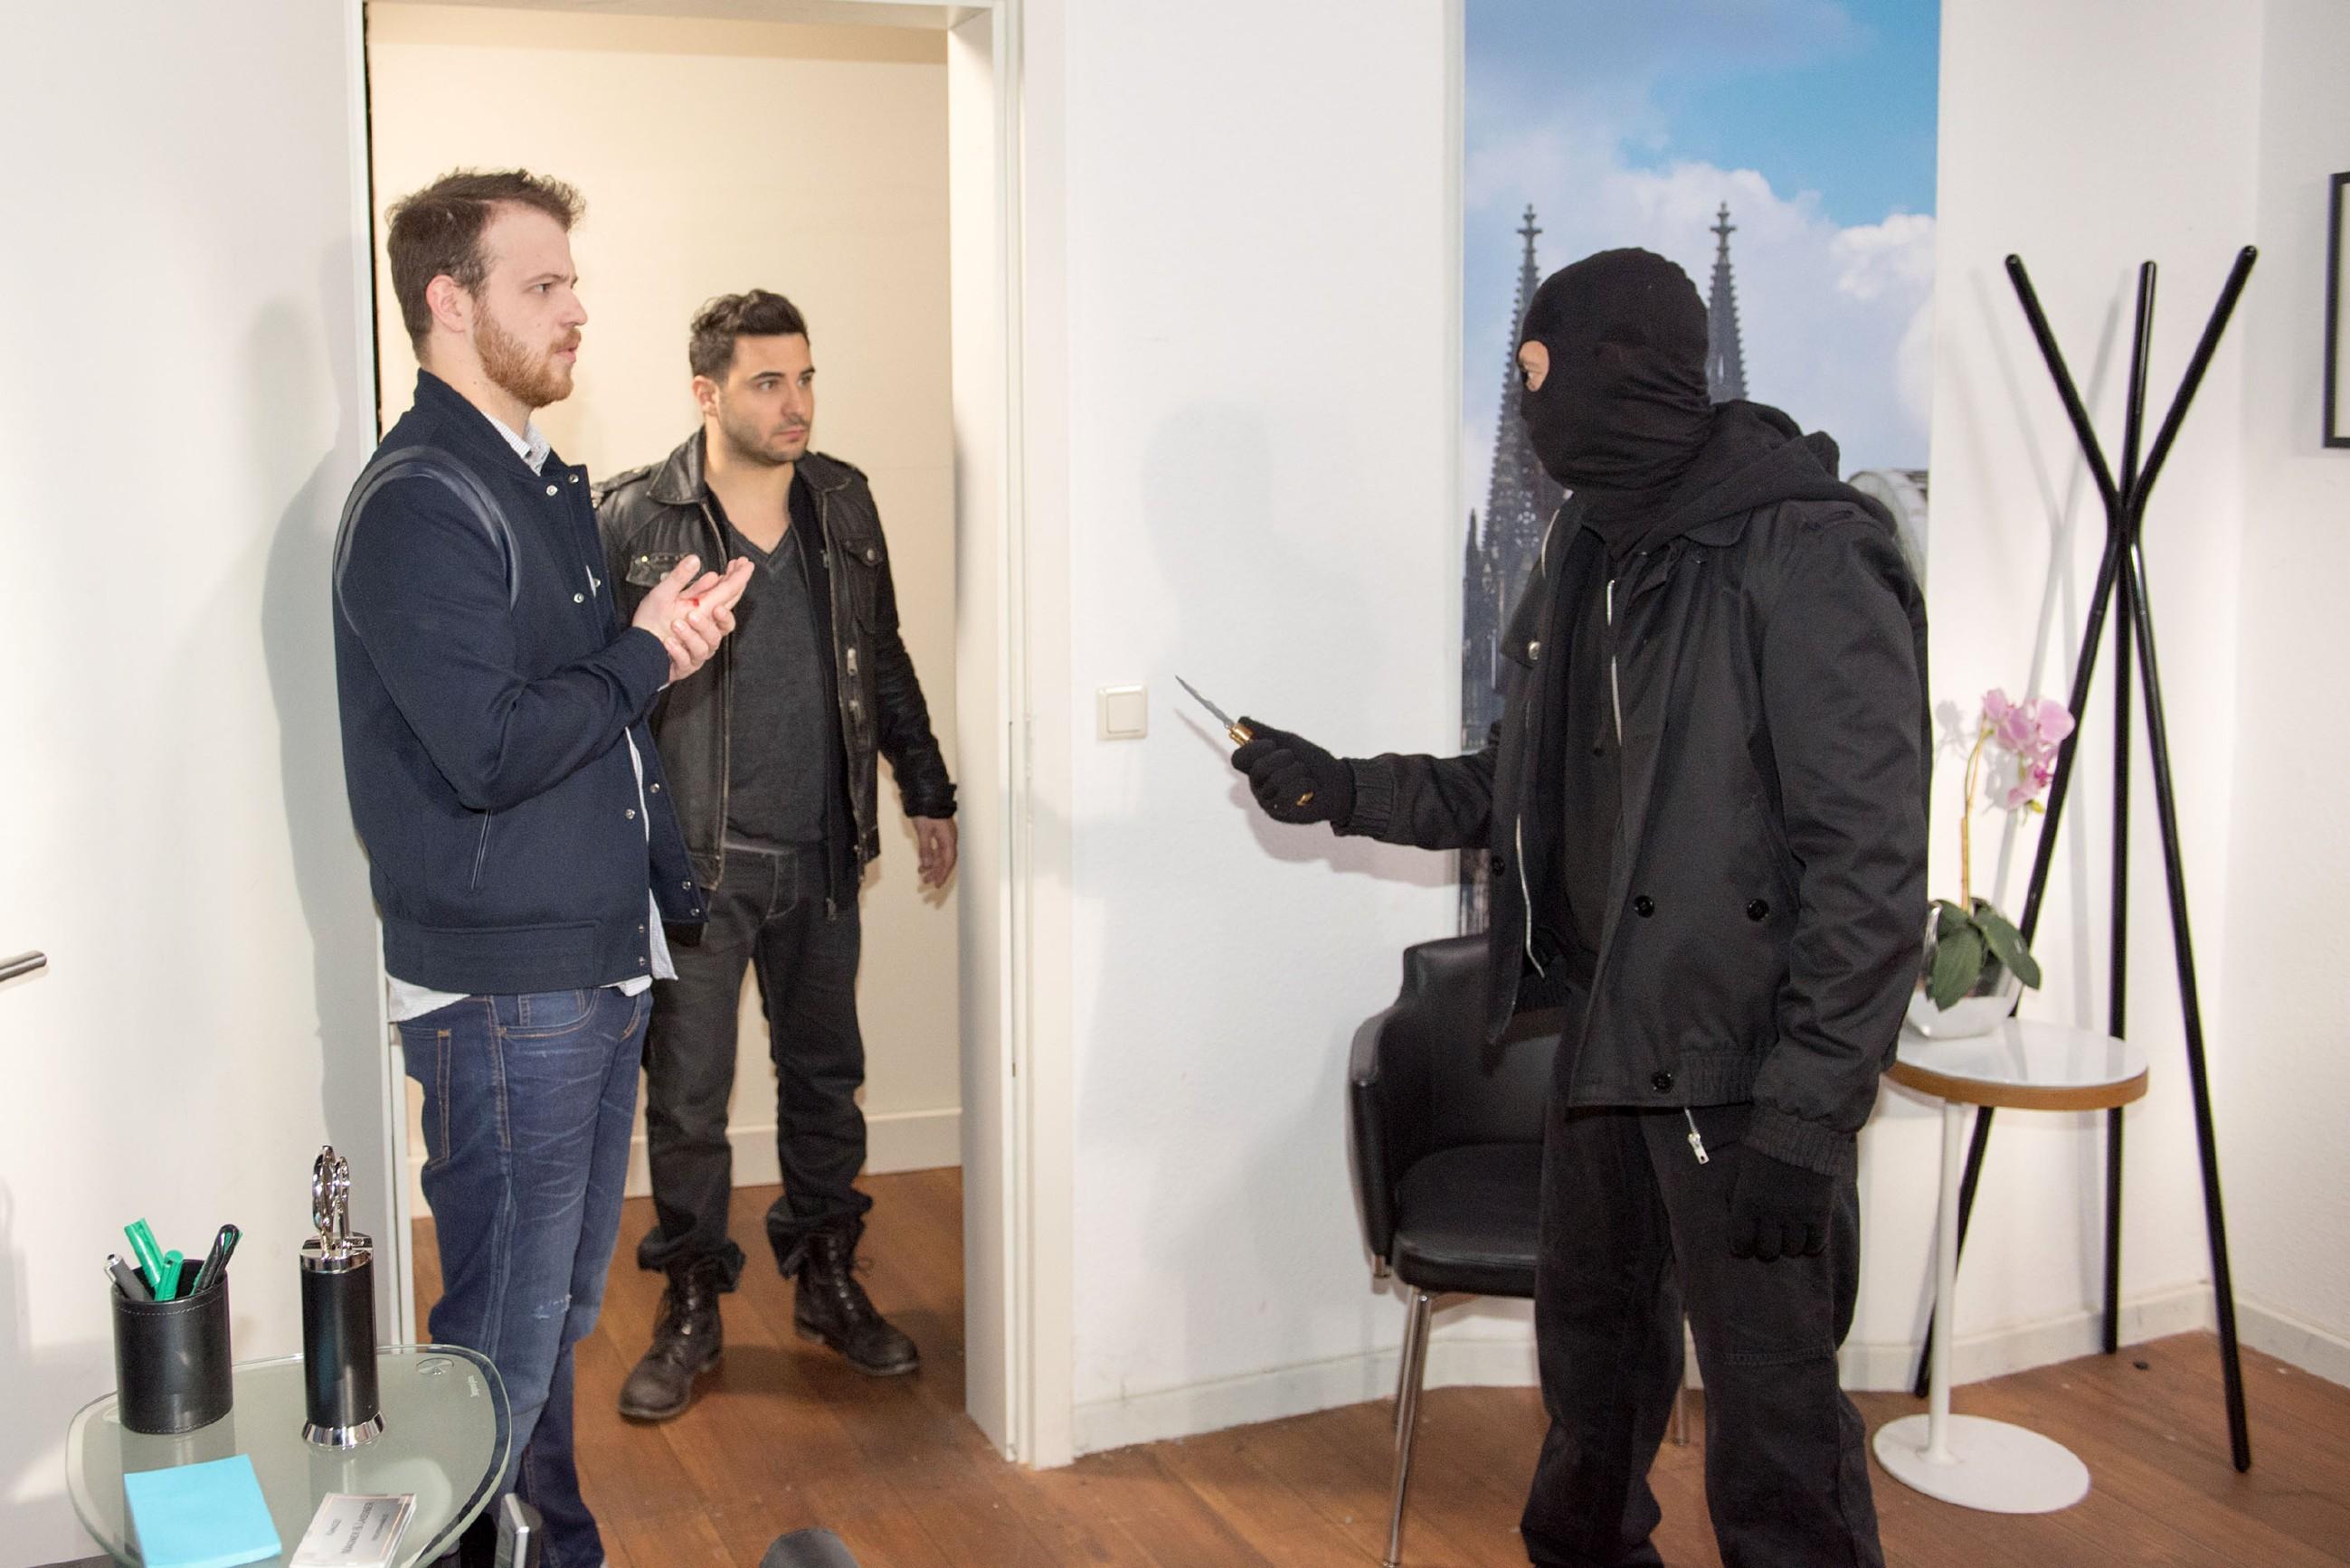 Tobias (Patrick Müller, l.) erkennt geschockt, dass es nicht Easy (Lars Steinhöfel, M.) ist, der hinter der Maske des Geiselnehmers (Eddie Geber) steckt... (Quelle: RTL / Stefan Behrens)